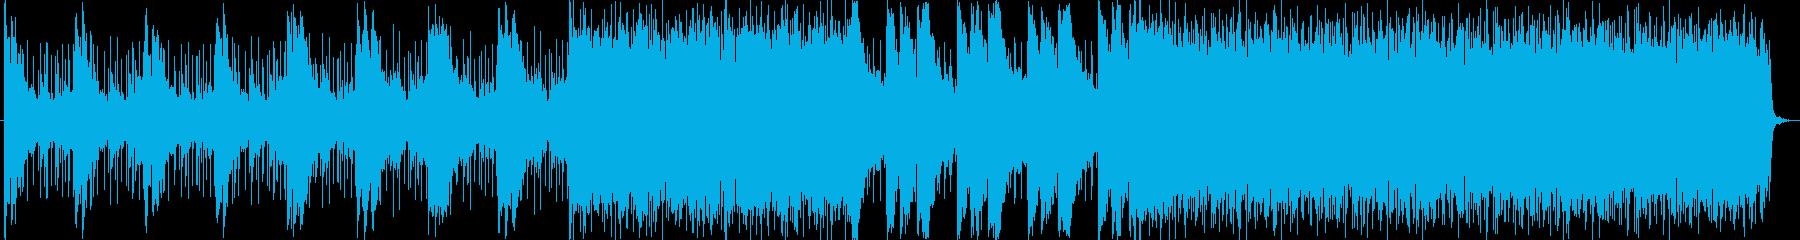 緊迫したサスペンスなアンビエント楽曲の再生済みの波形